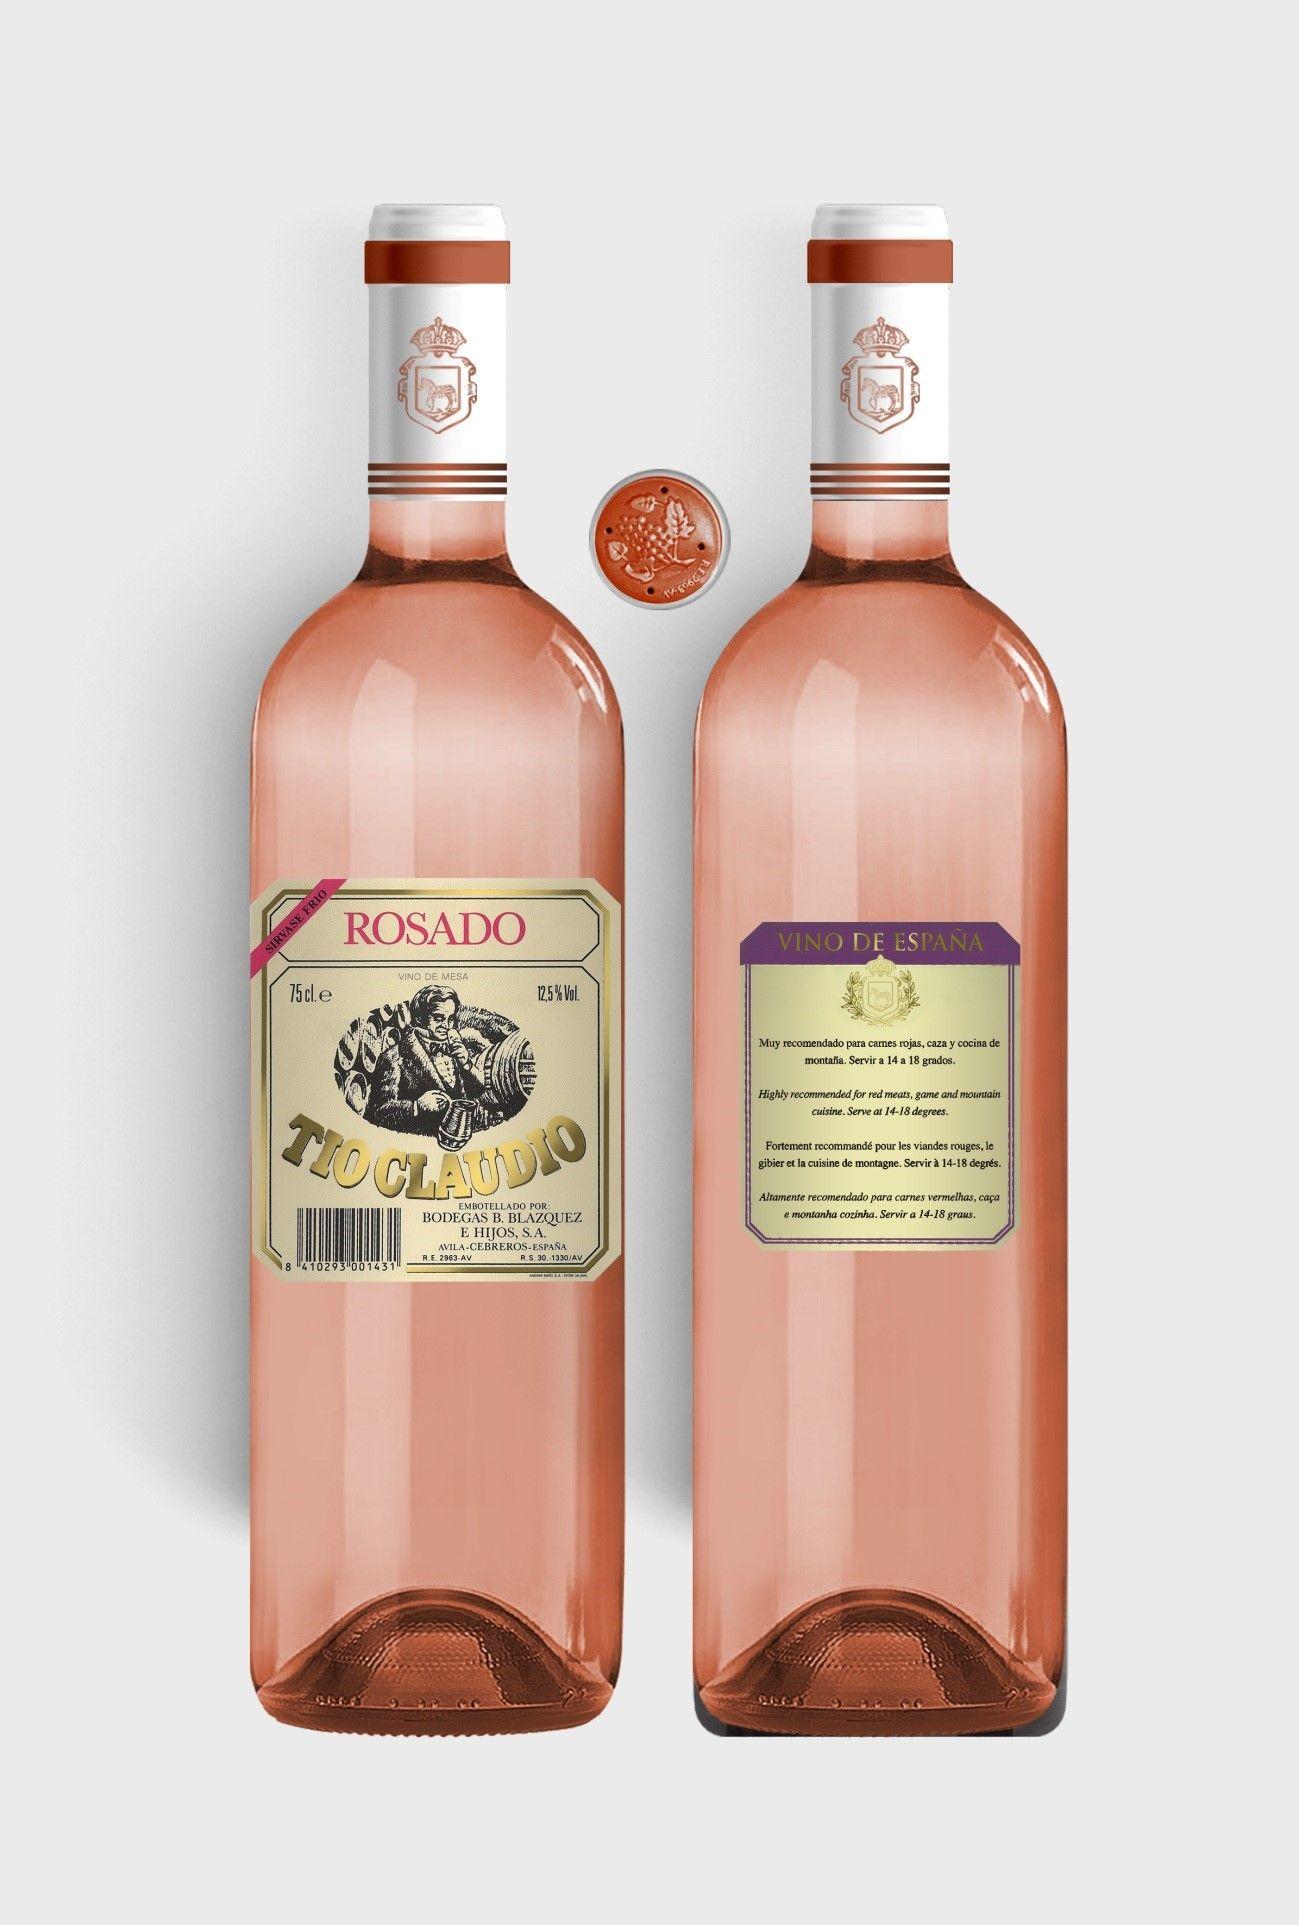 Benito Blázquez - Botella de Vino Tío Claudio Rosado